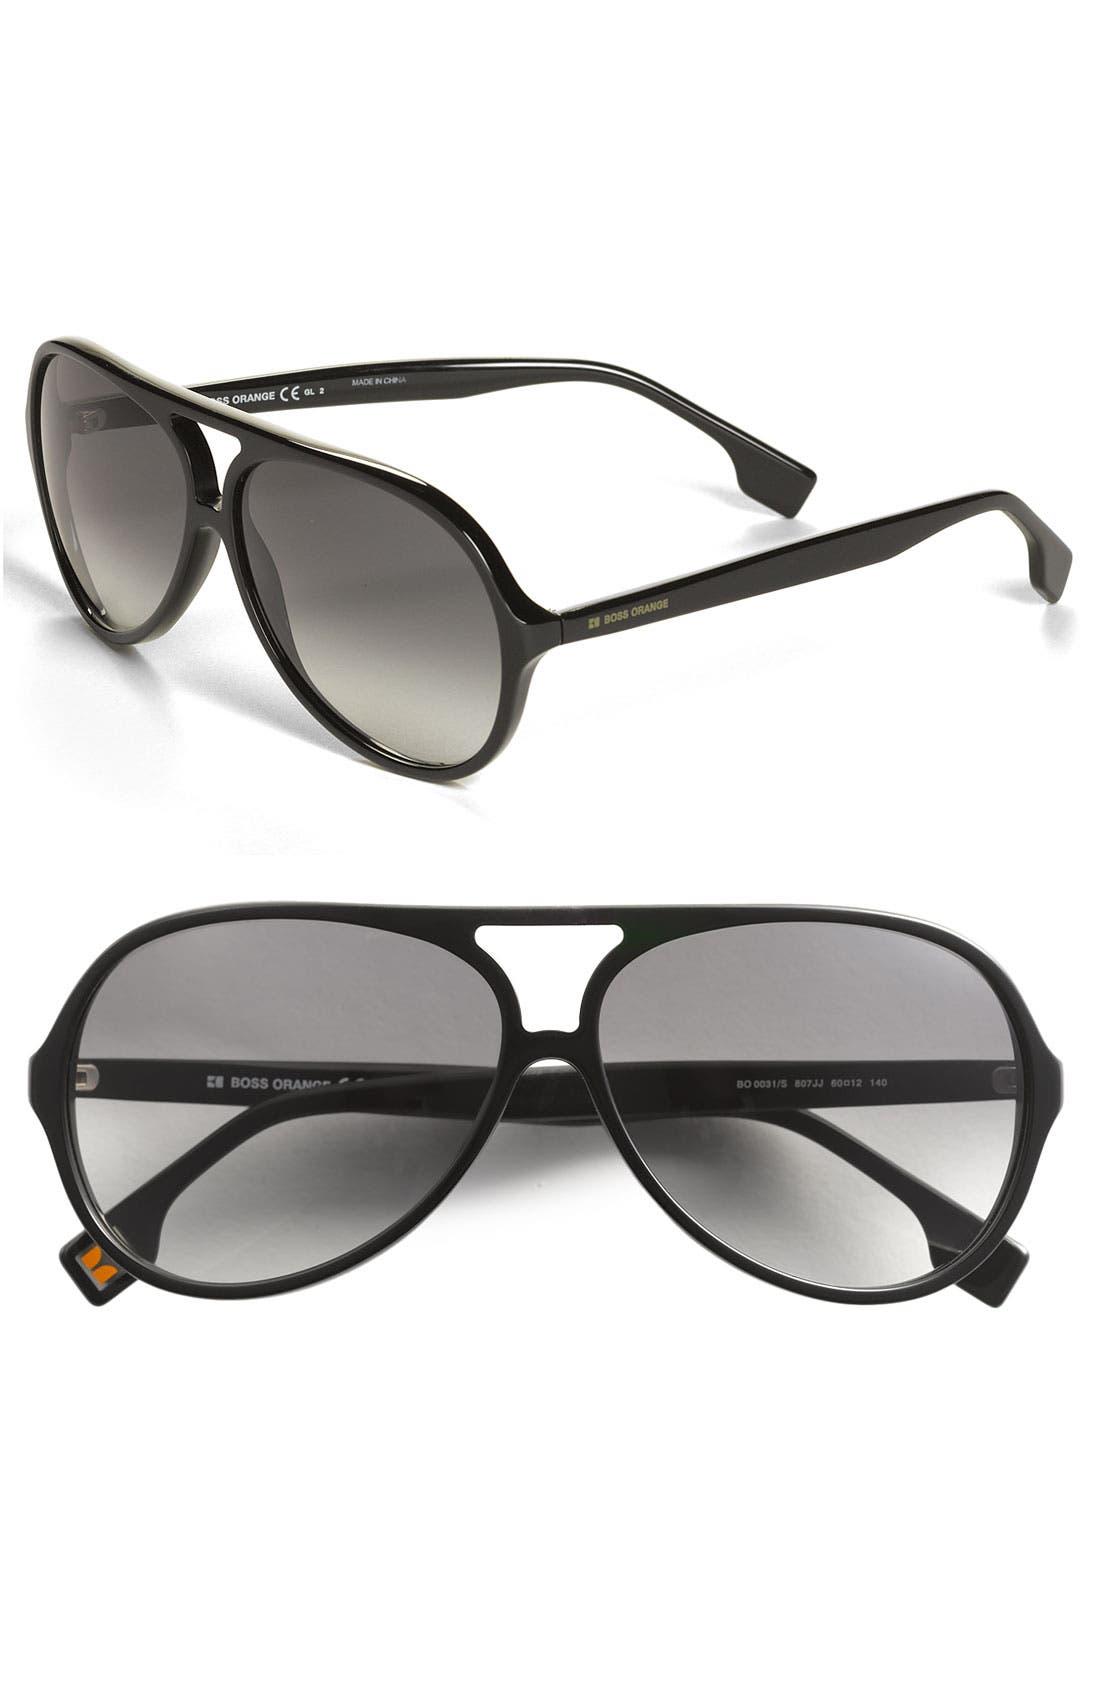 Main Image - BOSS Orange 60mm Aviator Sunglasses